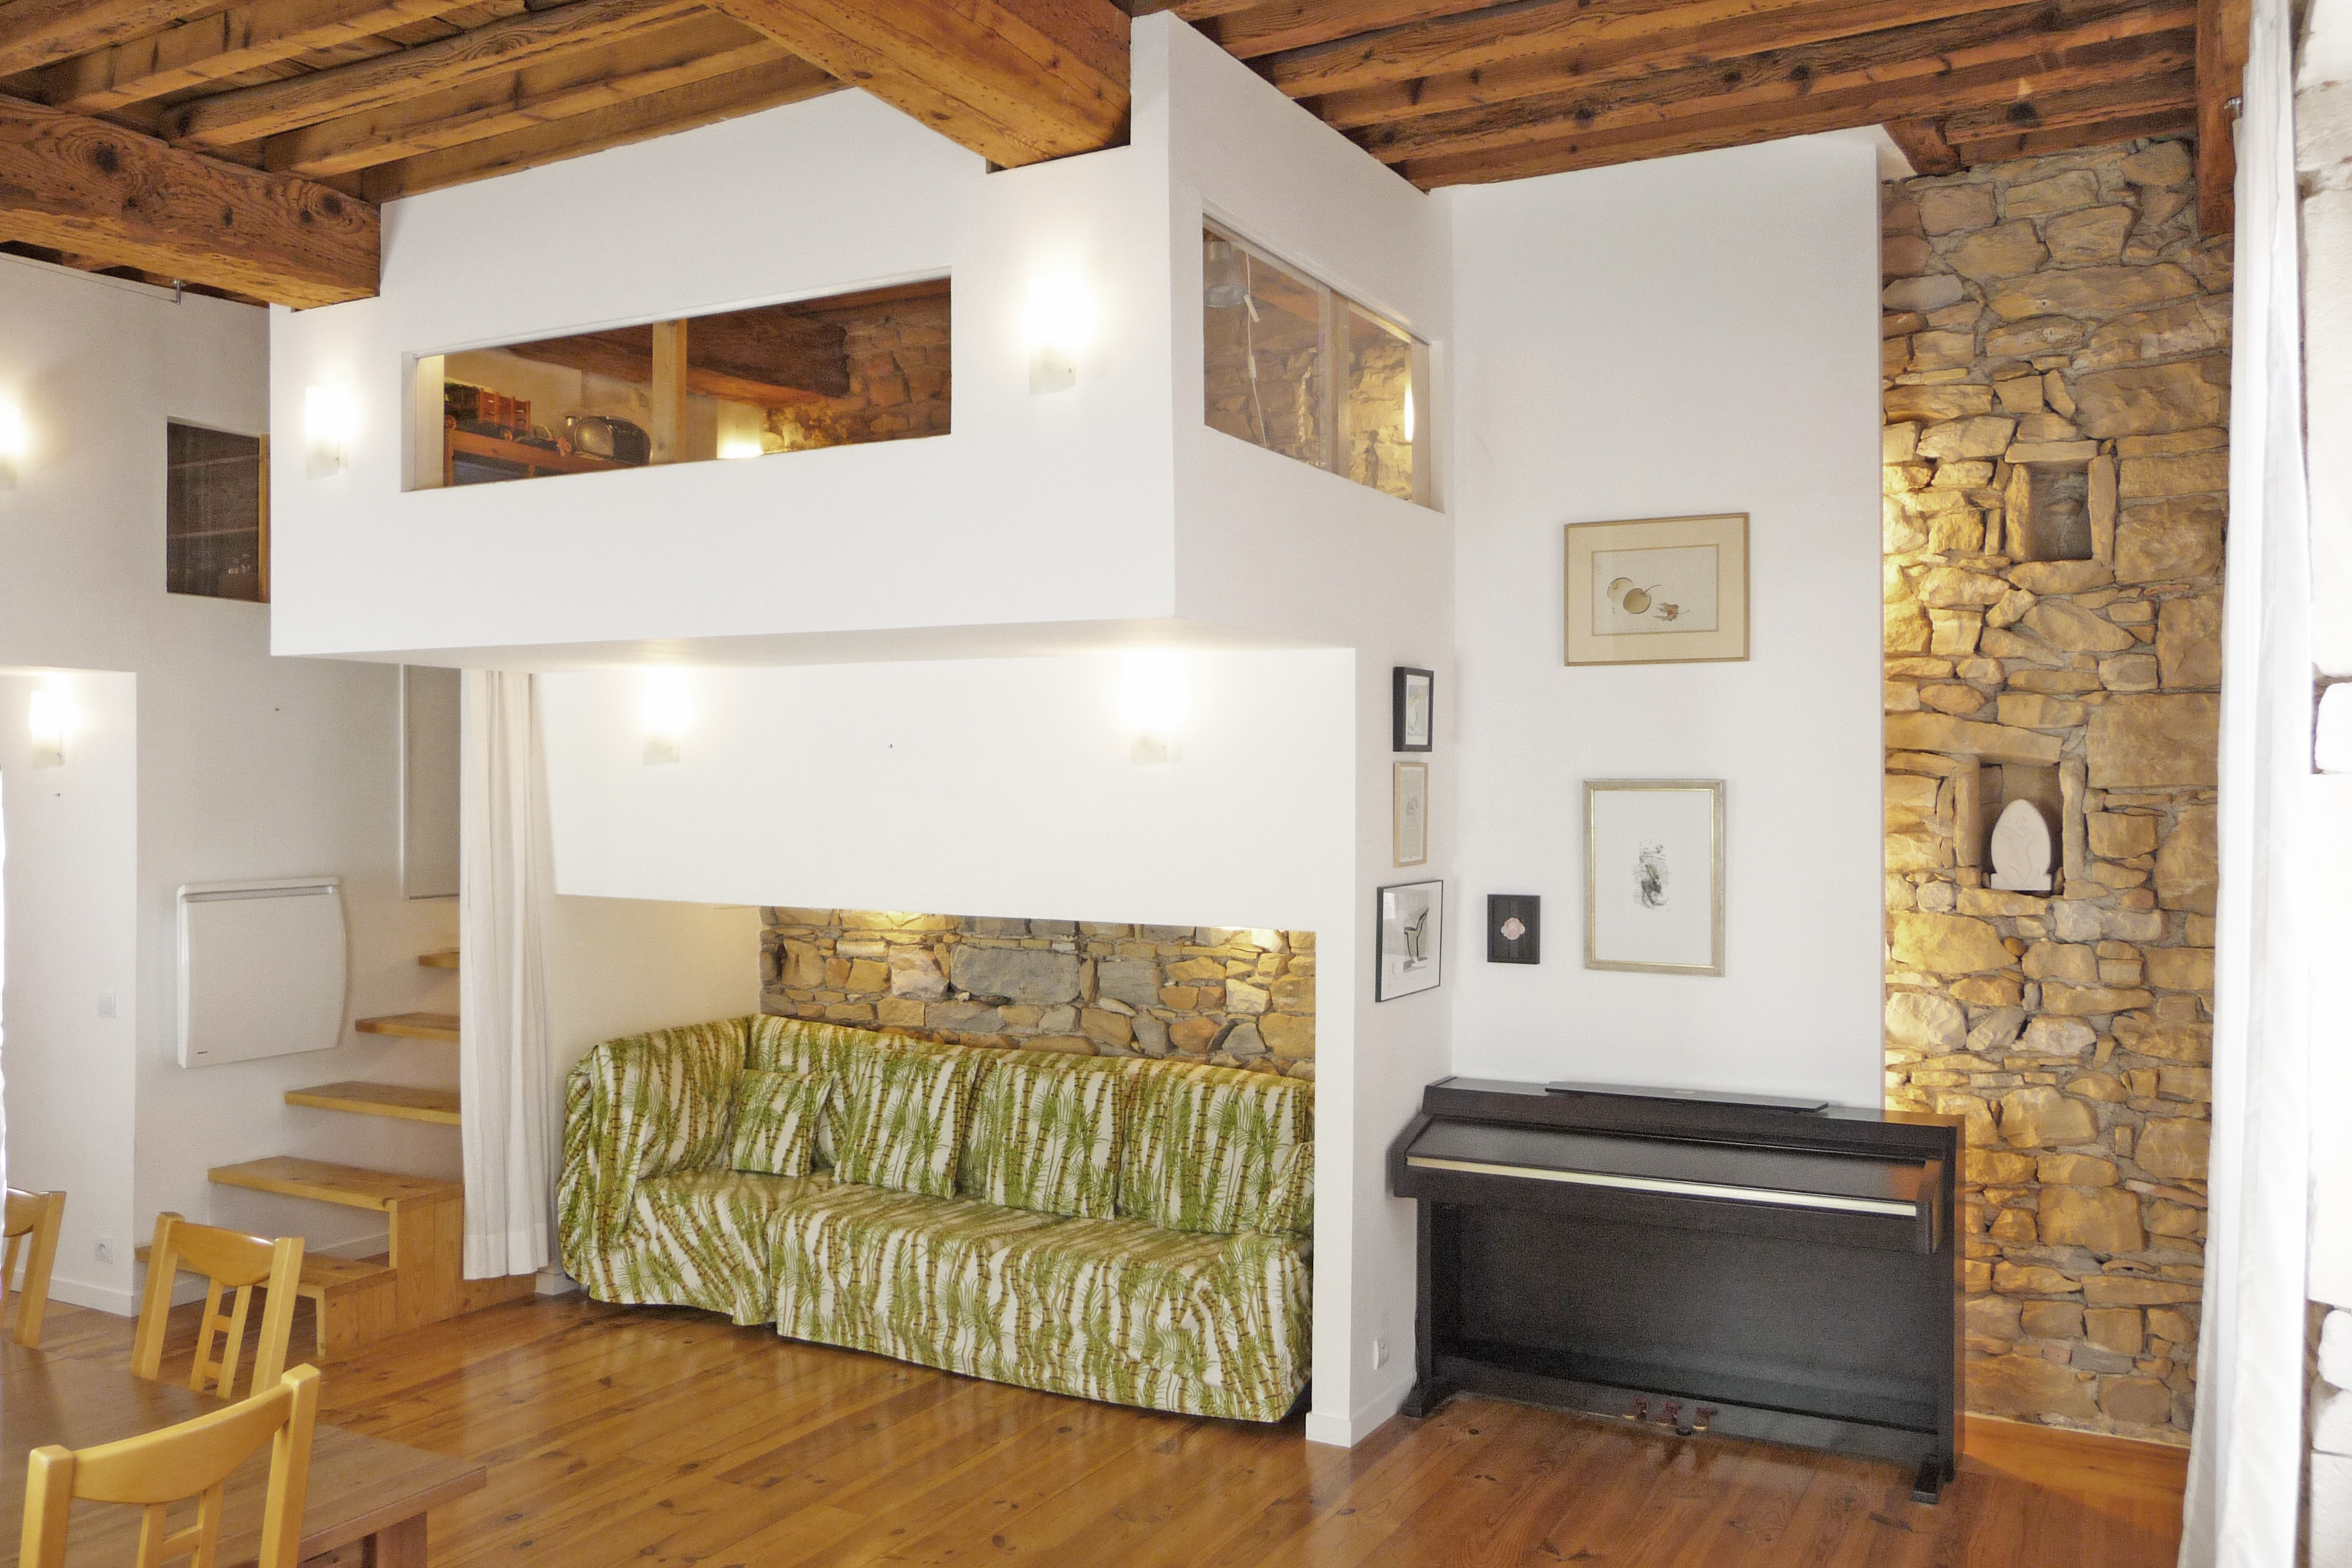 Volume n°2 - Chambre d'enfant en mezzanine et alcôve pour le canapé du salon